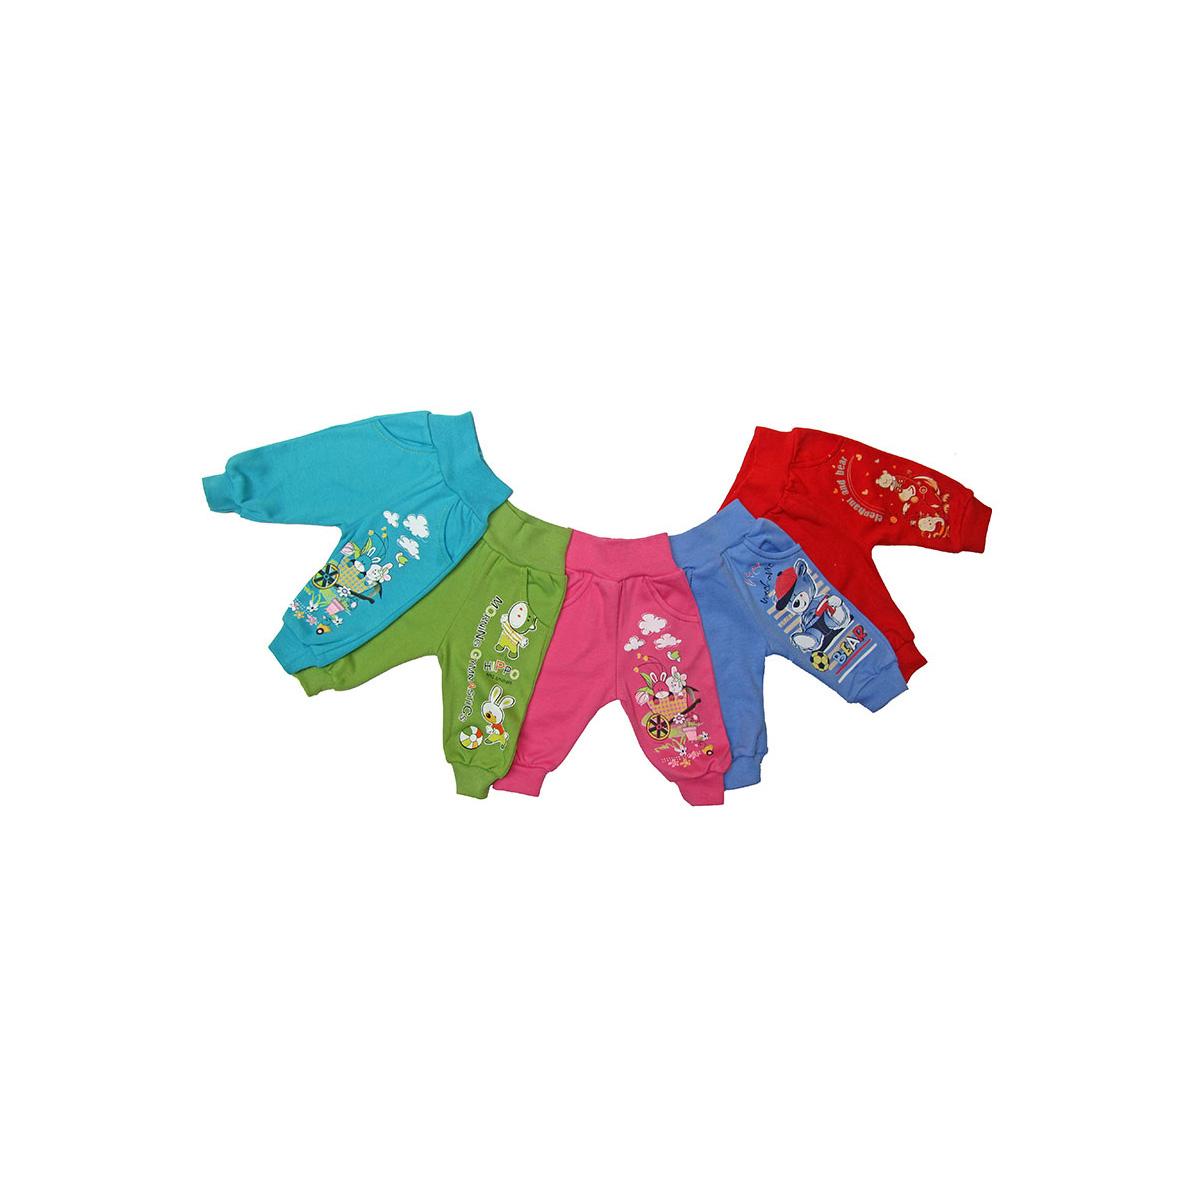 Штанишки Trele Morele Lucky размер 56, цвет в ассортименте